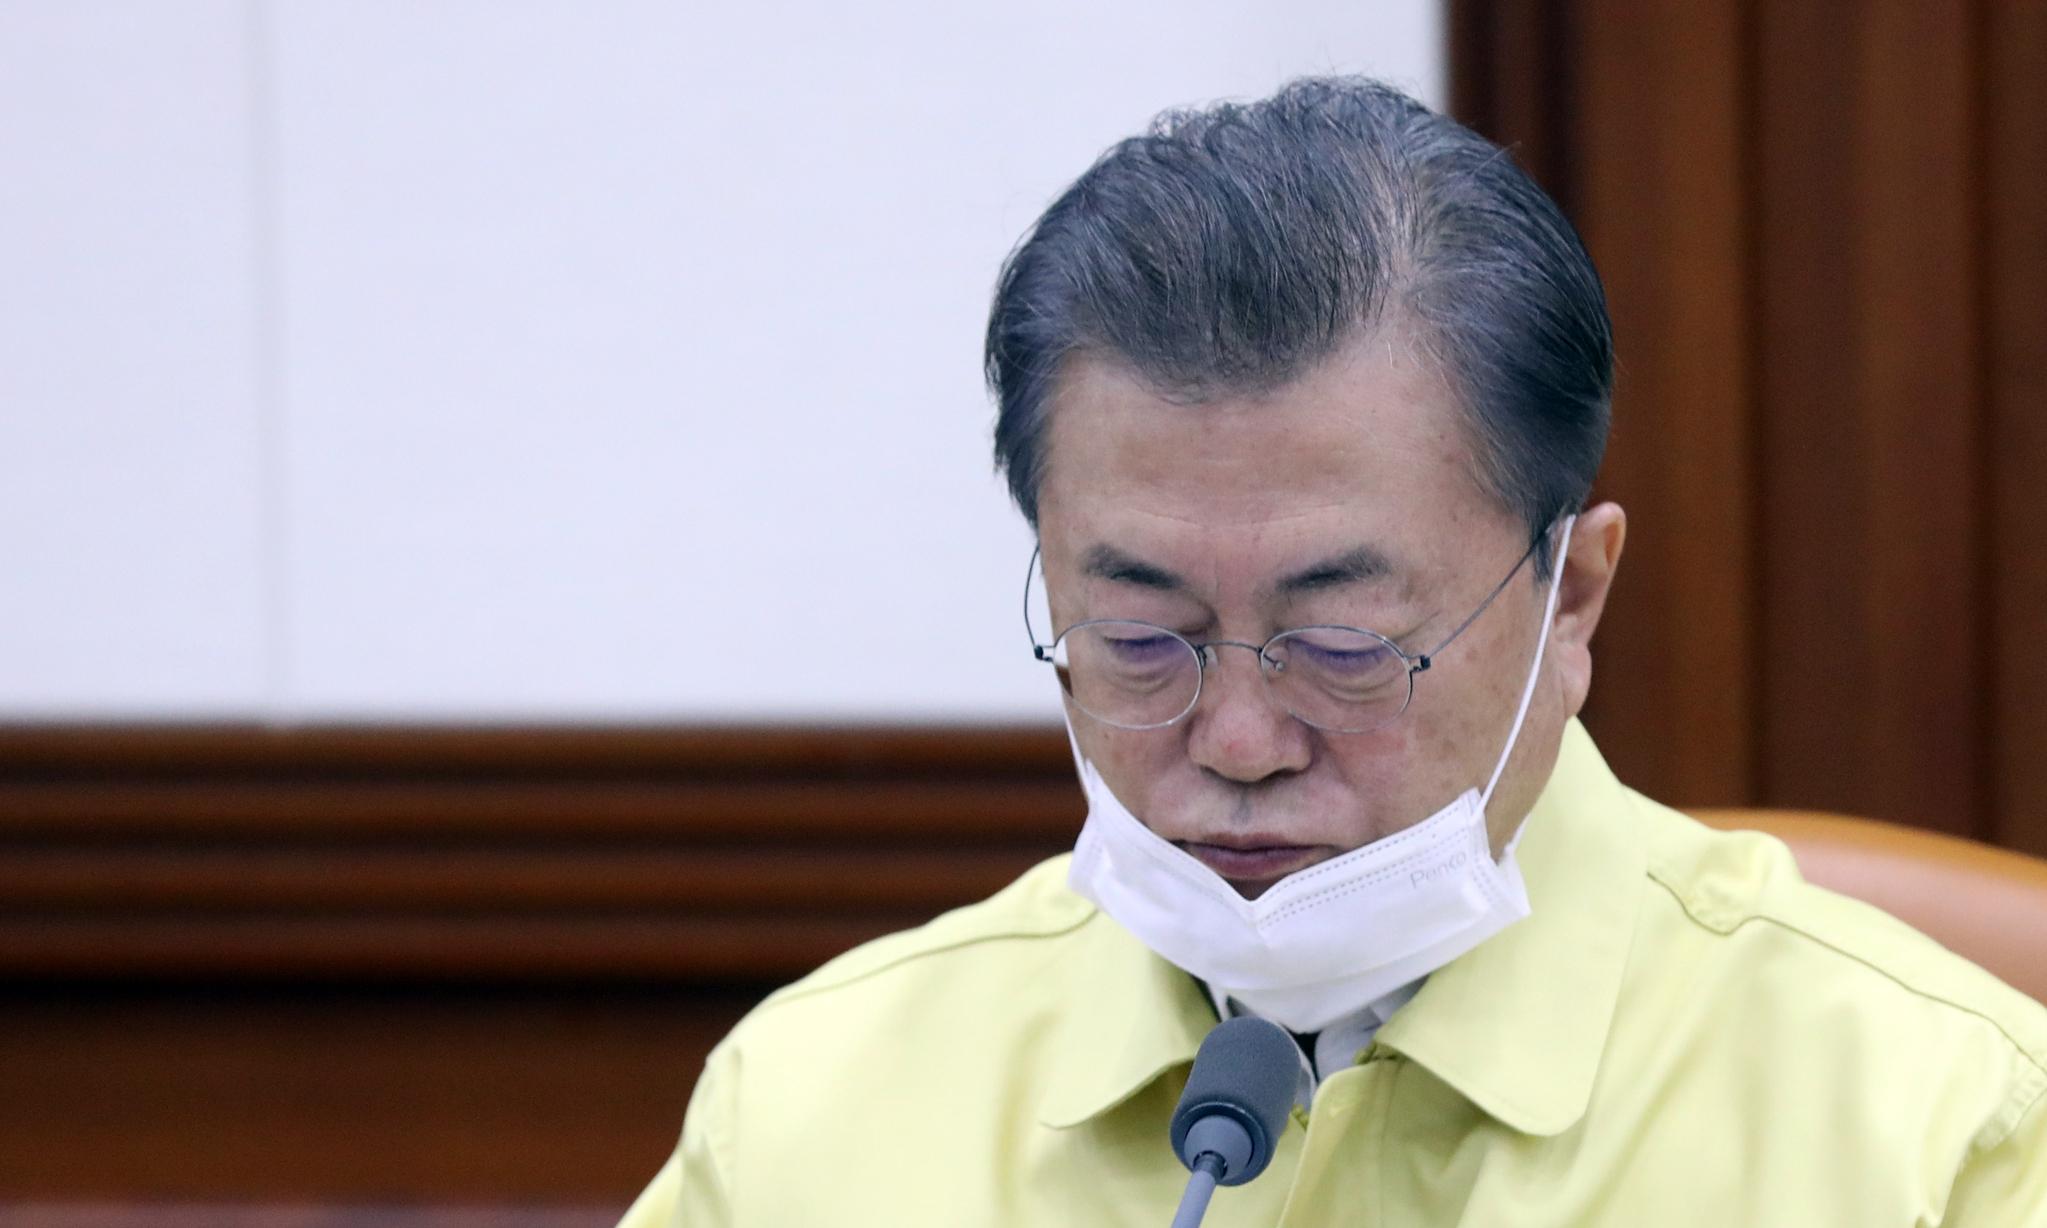 문재인 대통령이 3일 국무회의에 참석하고 있다. 연합뉴스